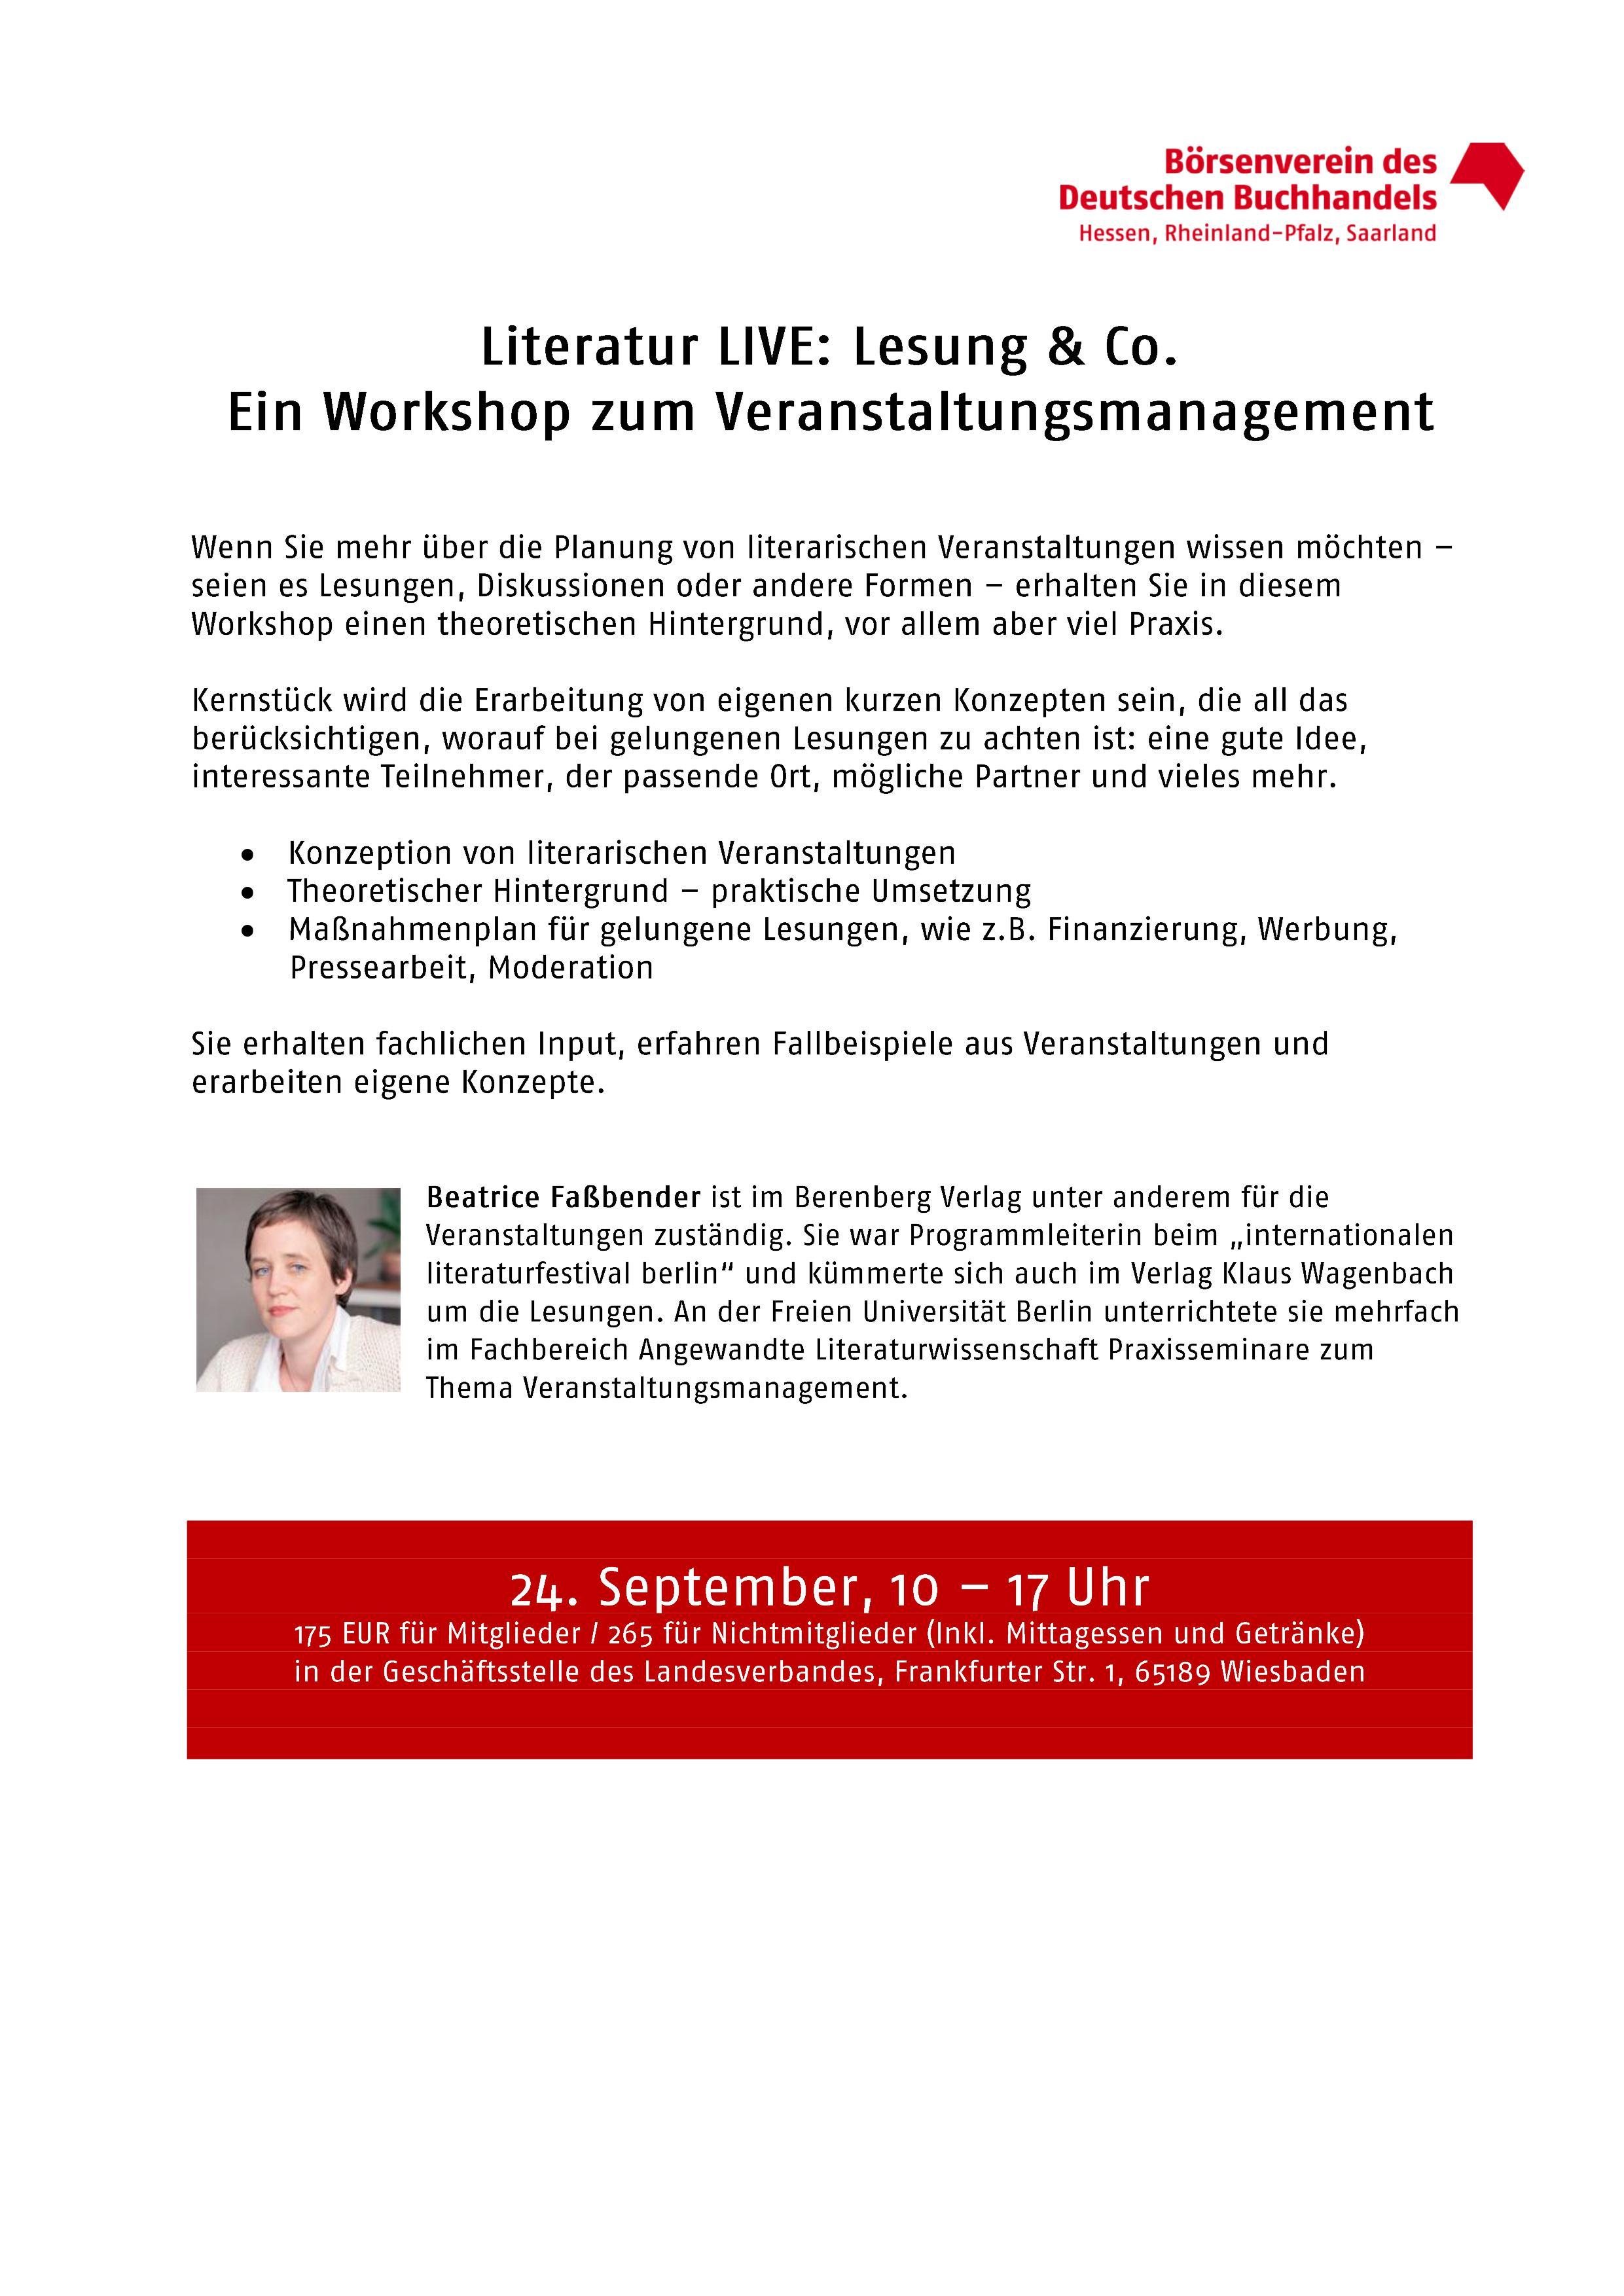 Literatur LIVE: Lesung & Co. Ein Workshop zum Veranstaltungsmanagement